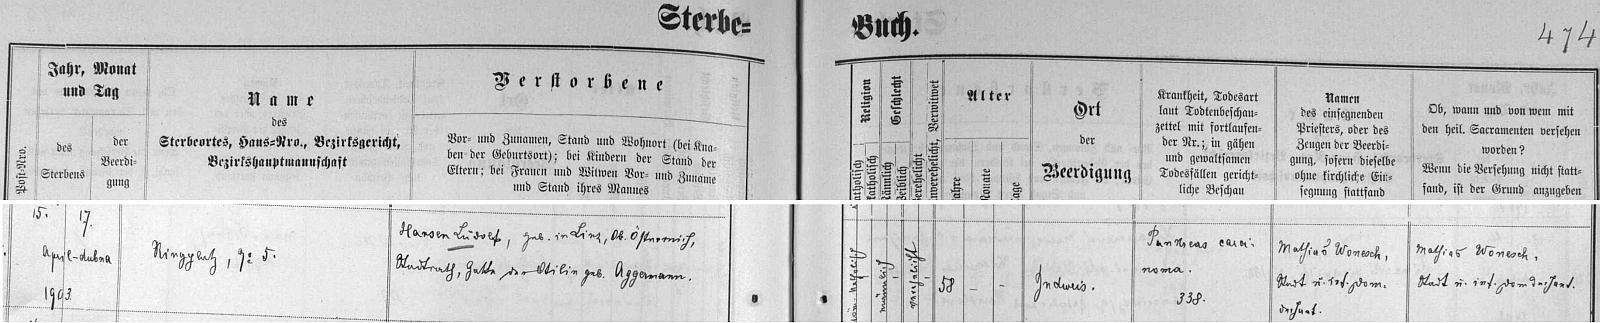 """V záznamu o úmrtí Ludolfa Edmunda Hansena v domě čp. 5 na českobudějovickém hlavním náměstí v """"Knize zemřelých"""" se dovídáme i příčinu úmrtí, kterou byl karcinom pankreasu"""